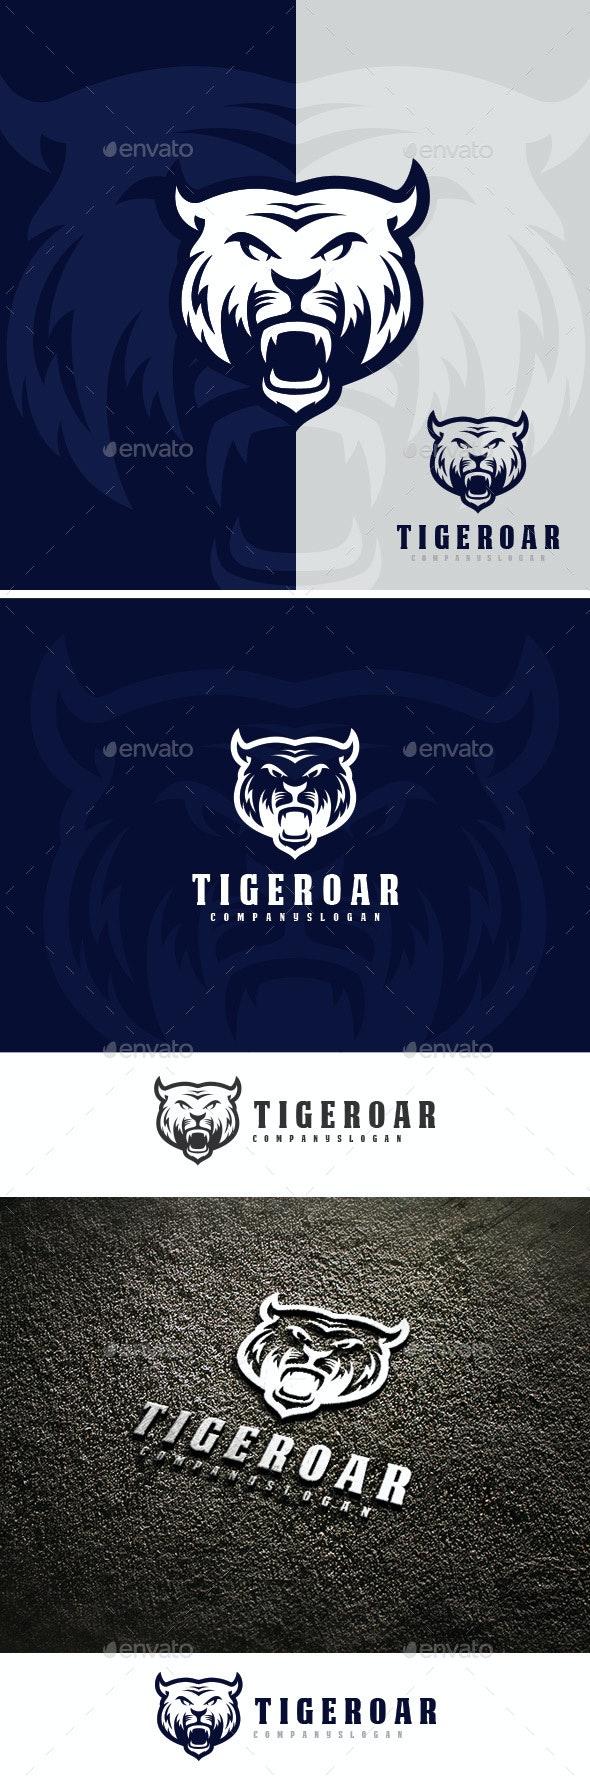 Tiger Roar Logo - Animals Logo Templates